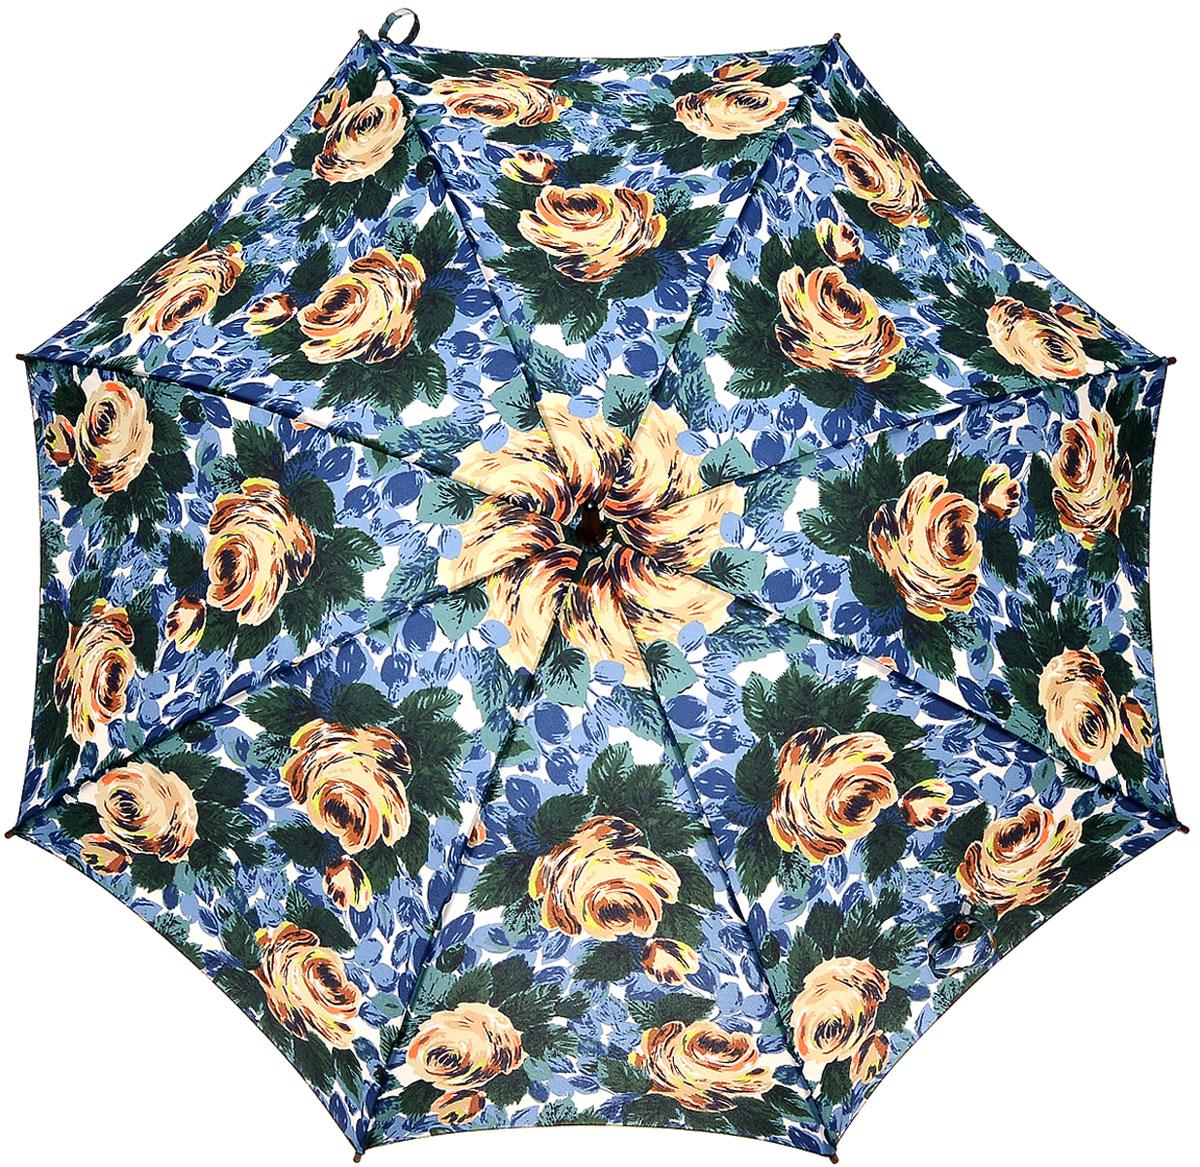 Зонт-трость женский Cath Kidston Kensington, механический, цвет: мультиколор. L541-3061L541-3061 OxfordRoseDeepBlueЯркий механический зонт-трость Cath Kidston Kensington даже в ненастную погоду позволит вам оставаться стильной и элегантной. Каркас зонта включает 8 спиц из фибергласса с деревянным наконечниками. Стержень изготовлен из дерева. Купол зонта выполнен из износостойкого полиэстера и оформлен красочным принтом в виде роз в листьях. Изделие дополнено удобной рукояткой из гладкого дерева. Зонт механического сложения: купол открывается и закрывается вручную до характерного щелчка. Модель дополнительно застегивается с помощью двух хлястиков: на кнопку и липучку с декоративной пуговицей. Такой зонт не только надежно защитит вас от дождя, но и станет стильным аксессуаром, который идеально подчеркнет ваш неповторимый образ.